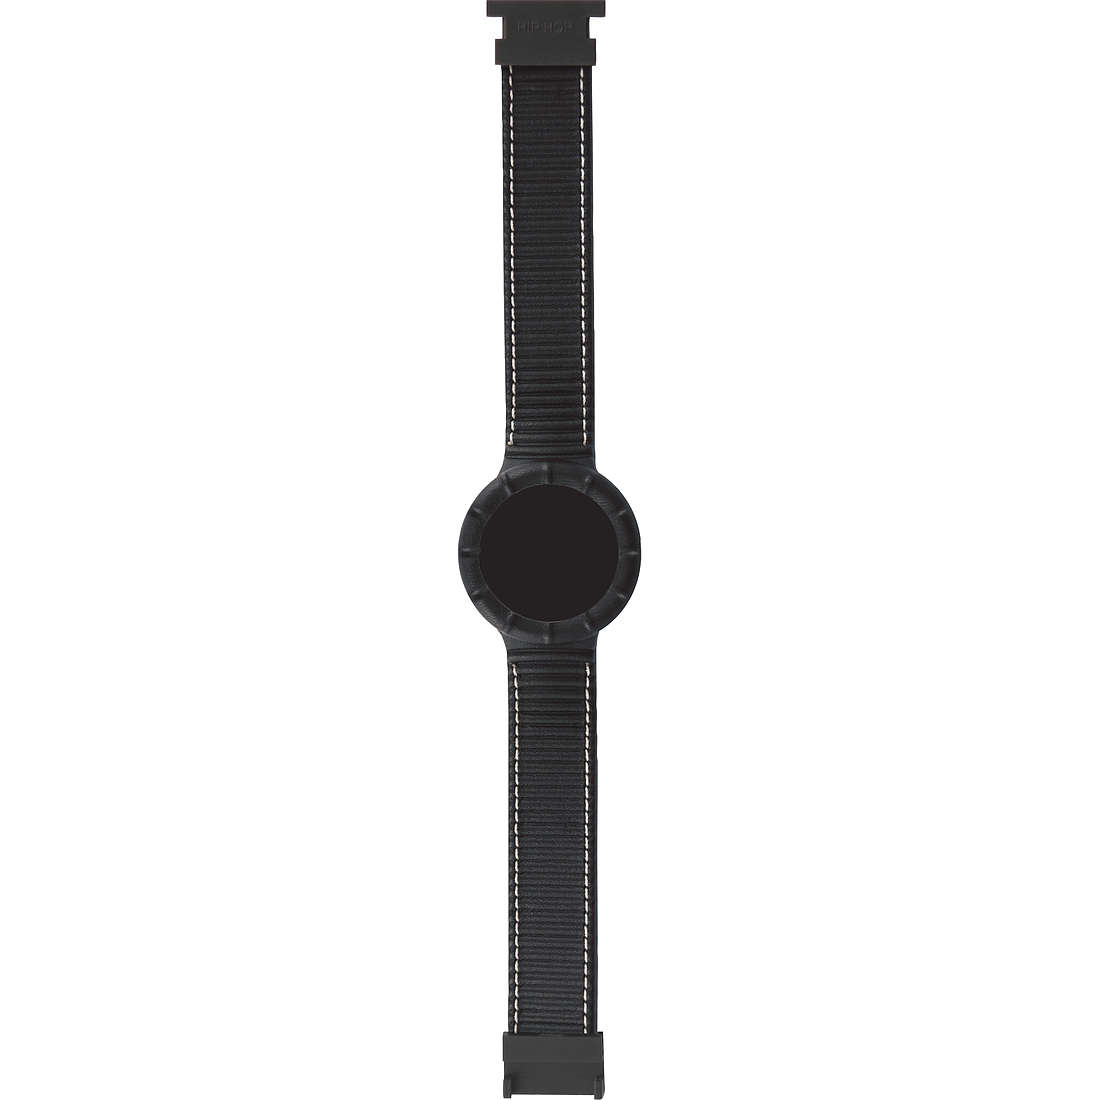 montre bracelet montre unisex Hip Hop Leather HBU0211